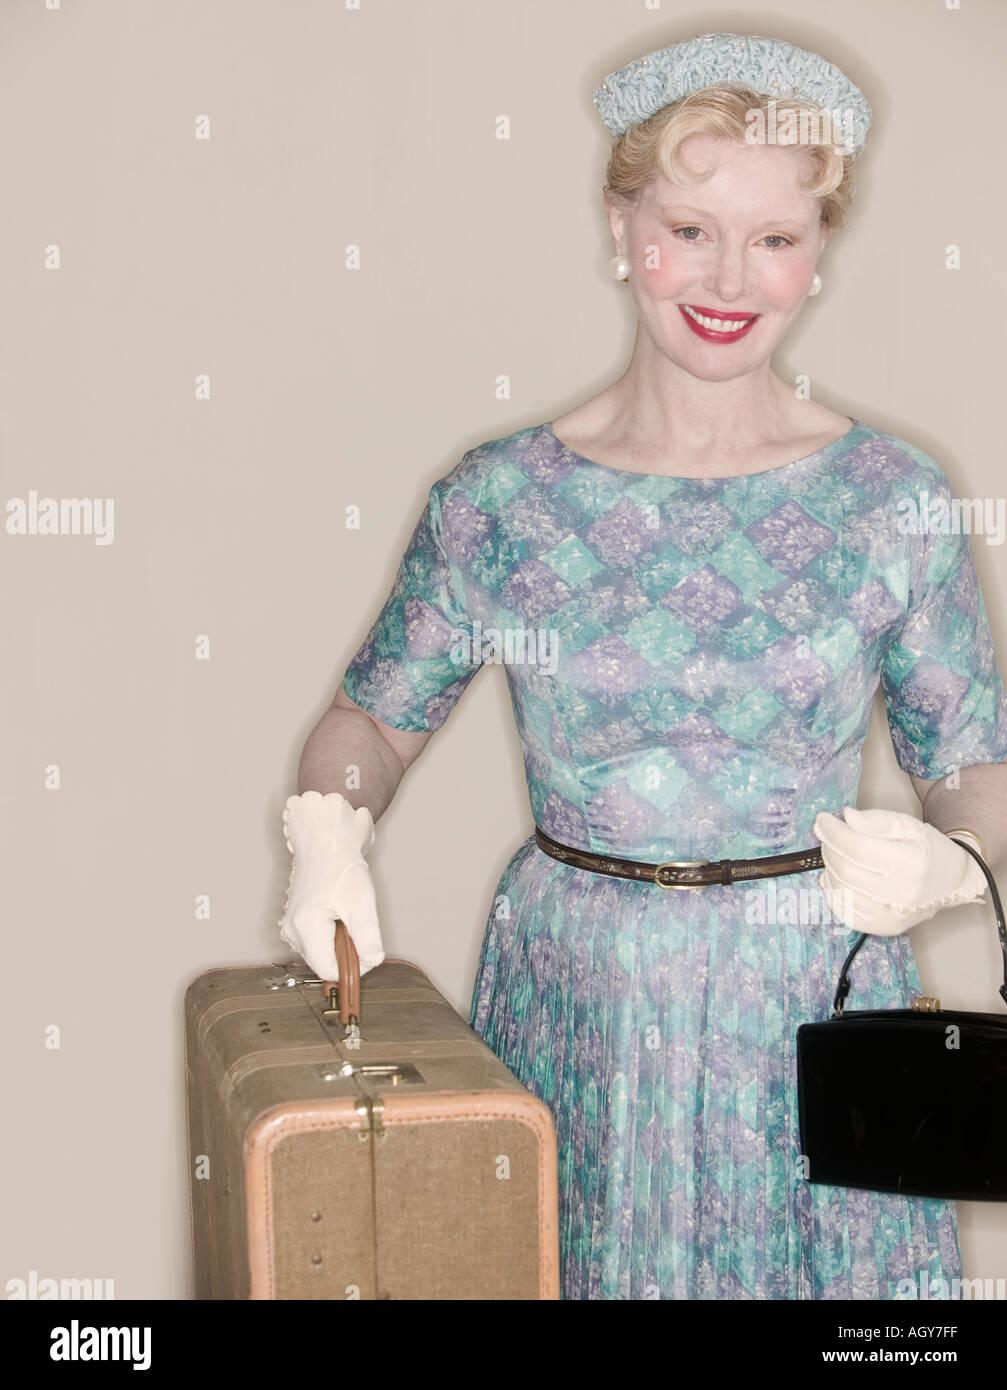 Una mujer retro salir de viaje Imagen De Stock